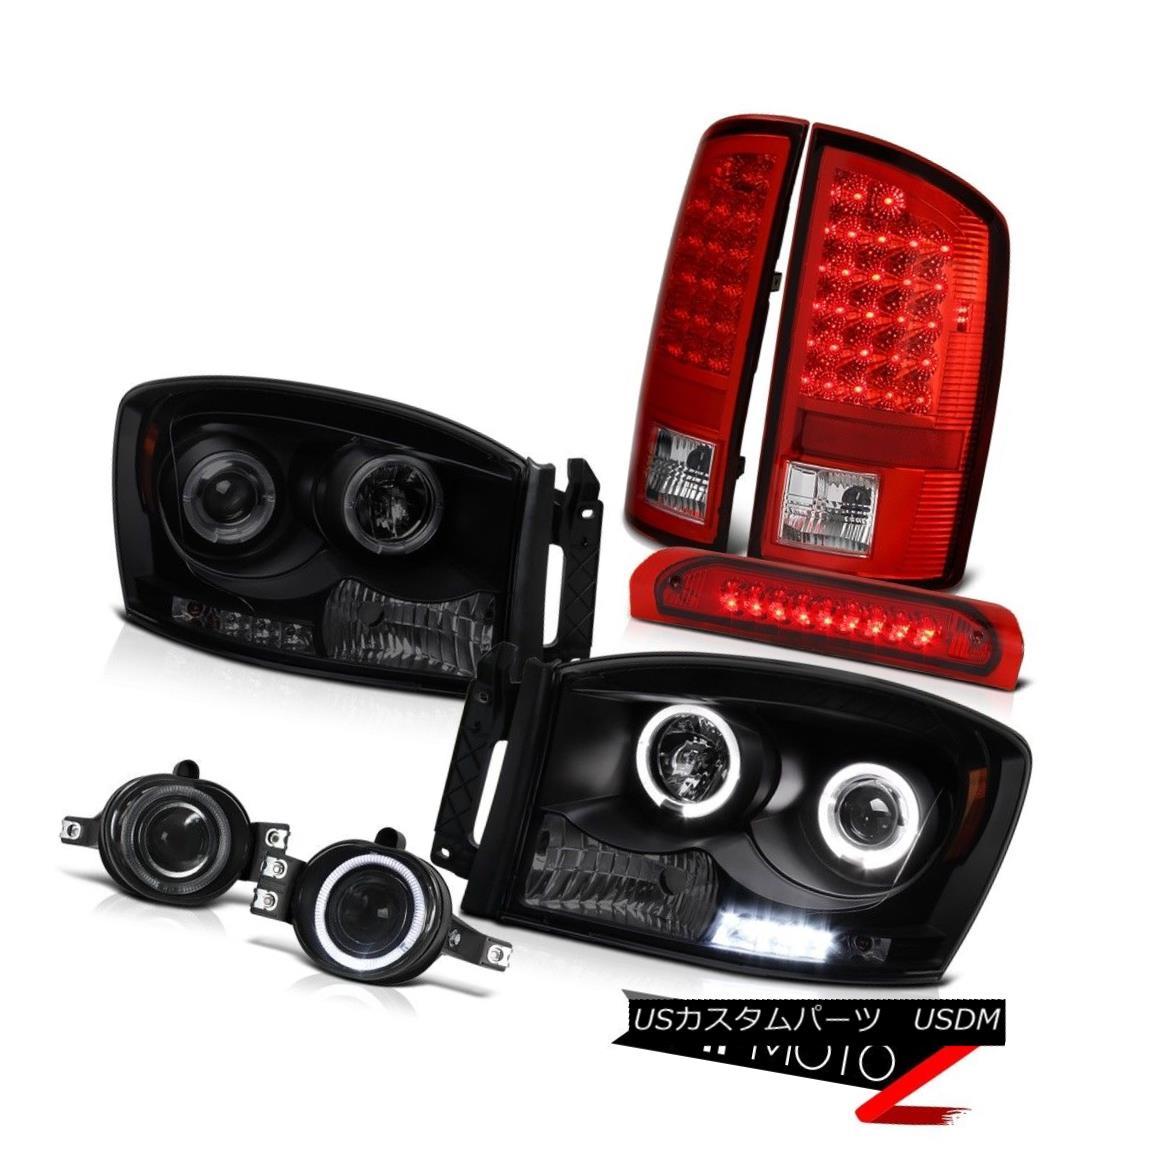 テールライト Smoke Halo LED Headlight Rear Tail Light Projector Fog High Stop Ram SLT 07 08 スモークハローLEDヘッドライトリアテールライトプロジェクターフォグハイストップラムSLT 07 08